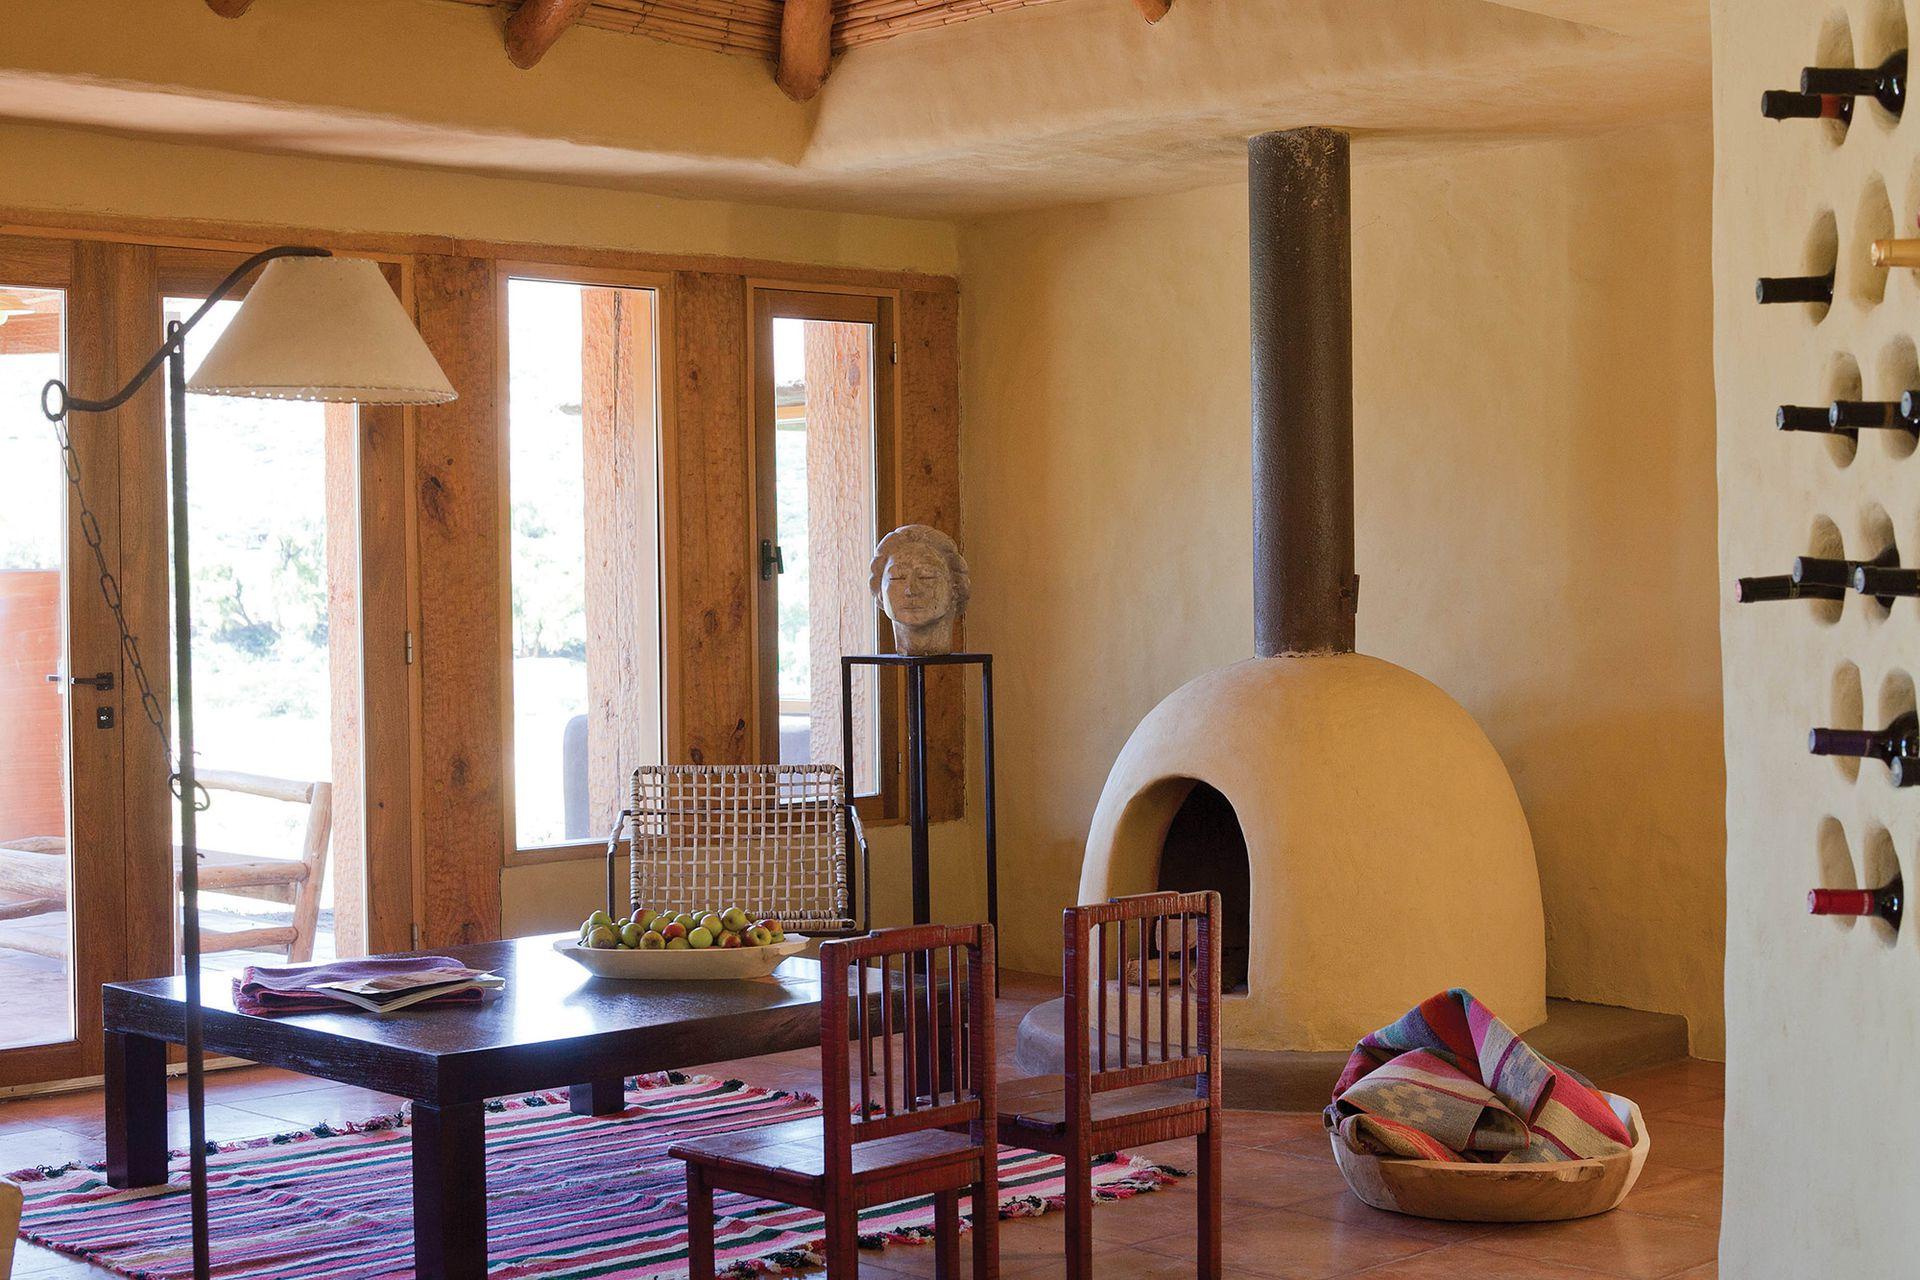 En el ambiente se destacan los nichos que sirven de vinoteca y el hogar, con forma de horno de barro.